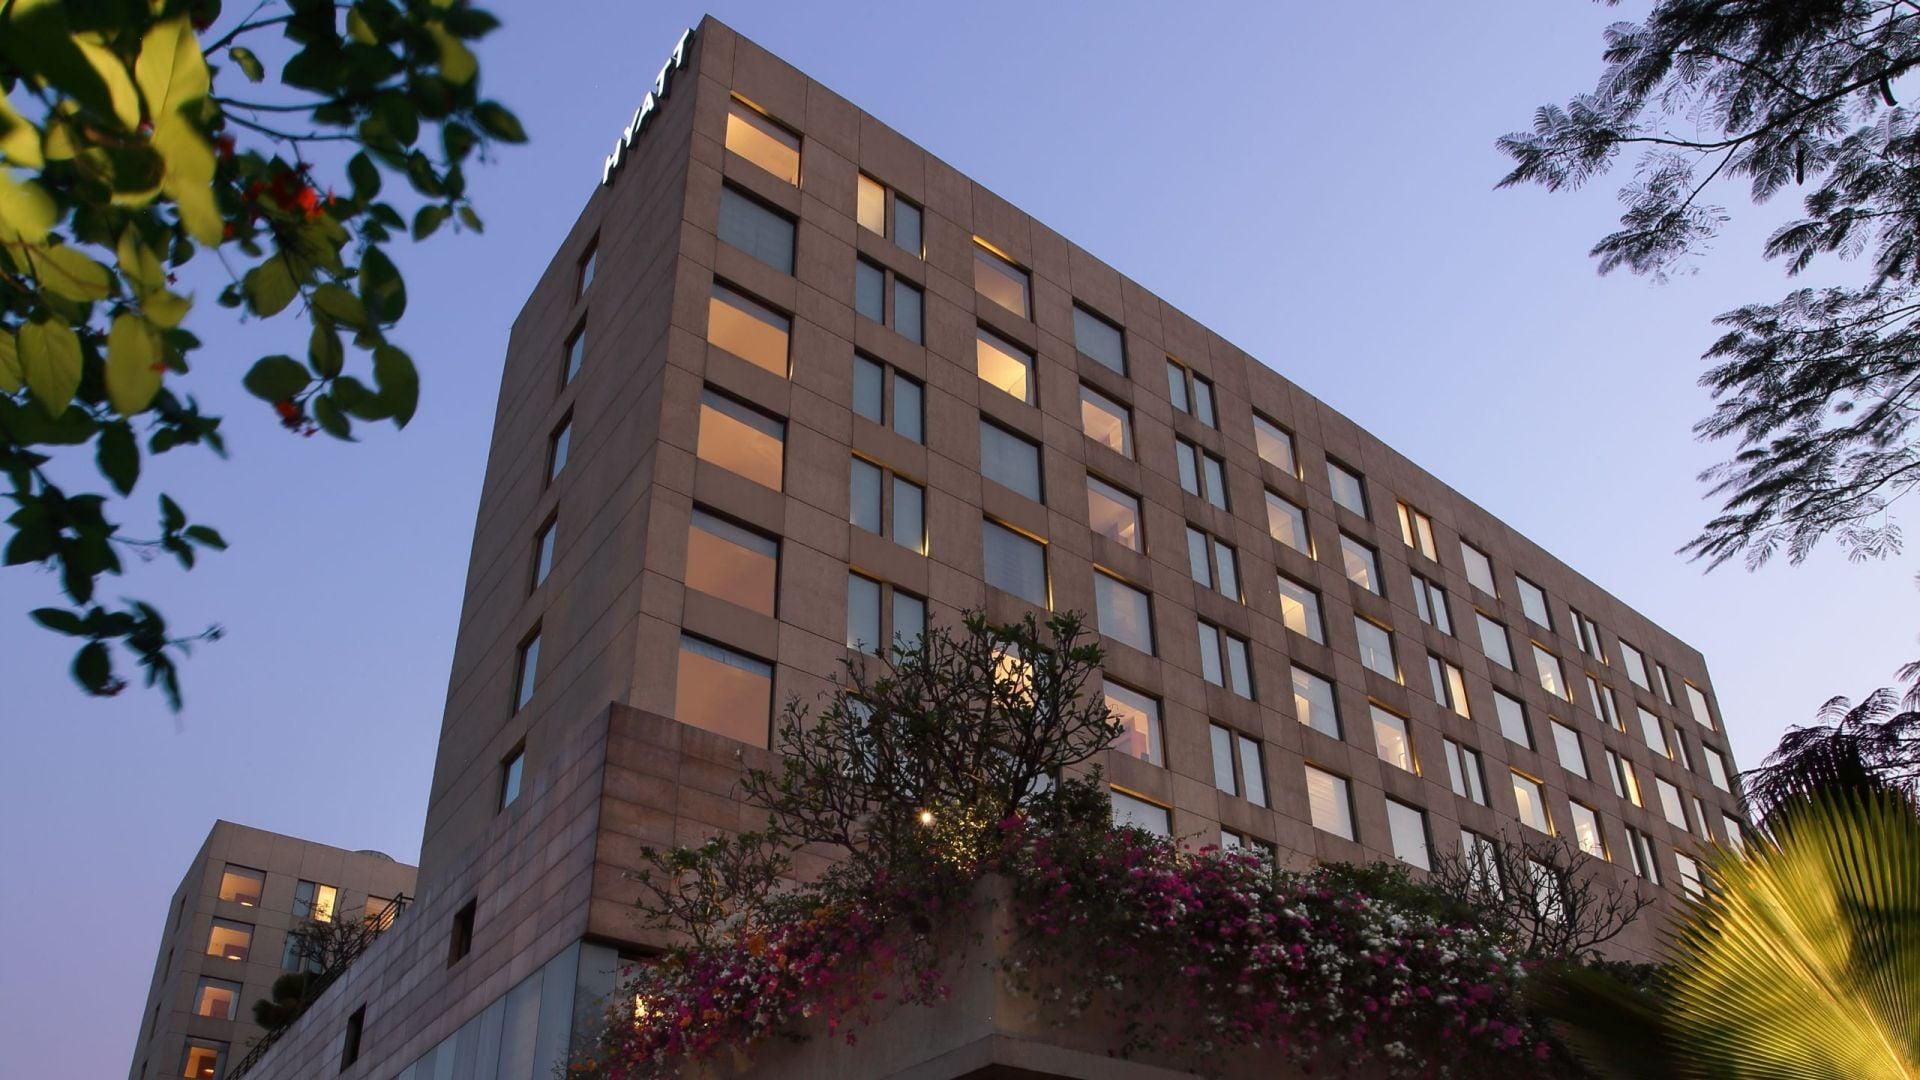 nearest hotel pool aga - HD2560×1440